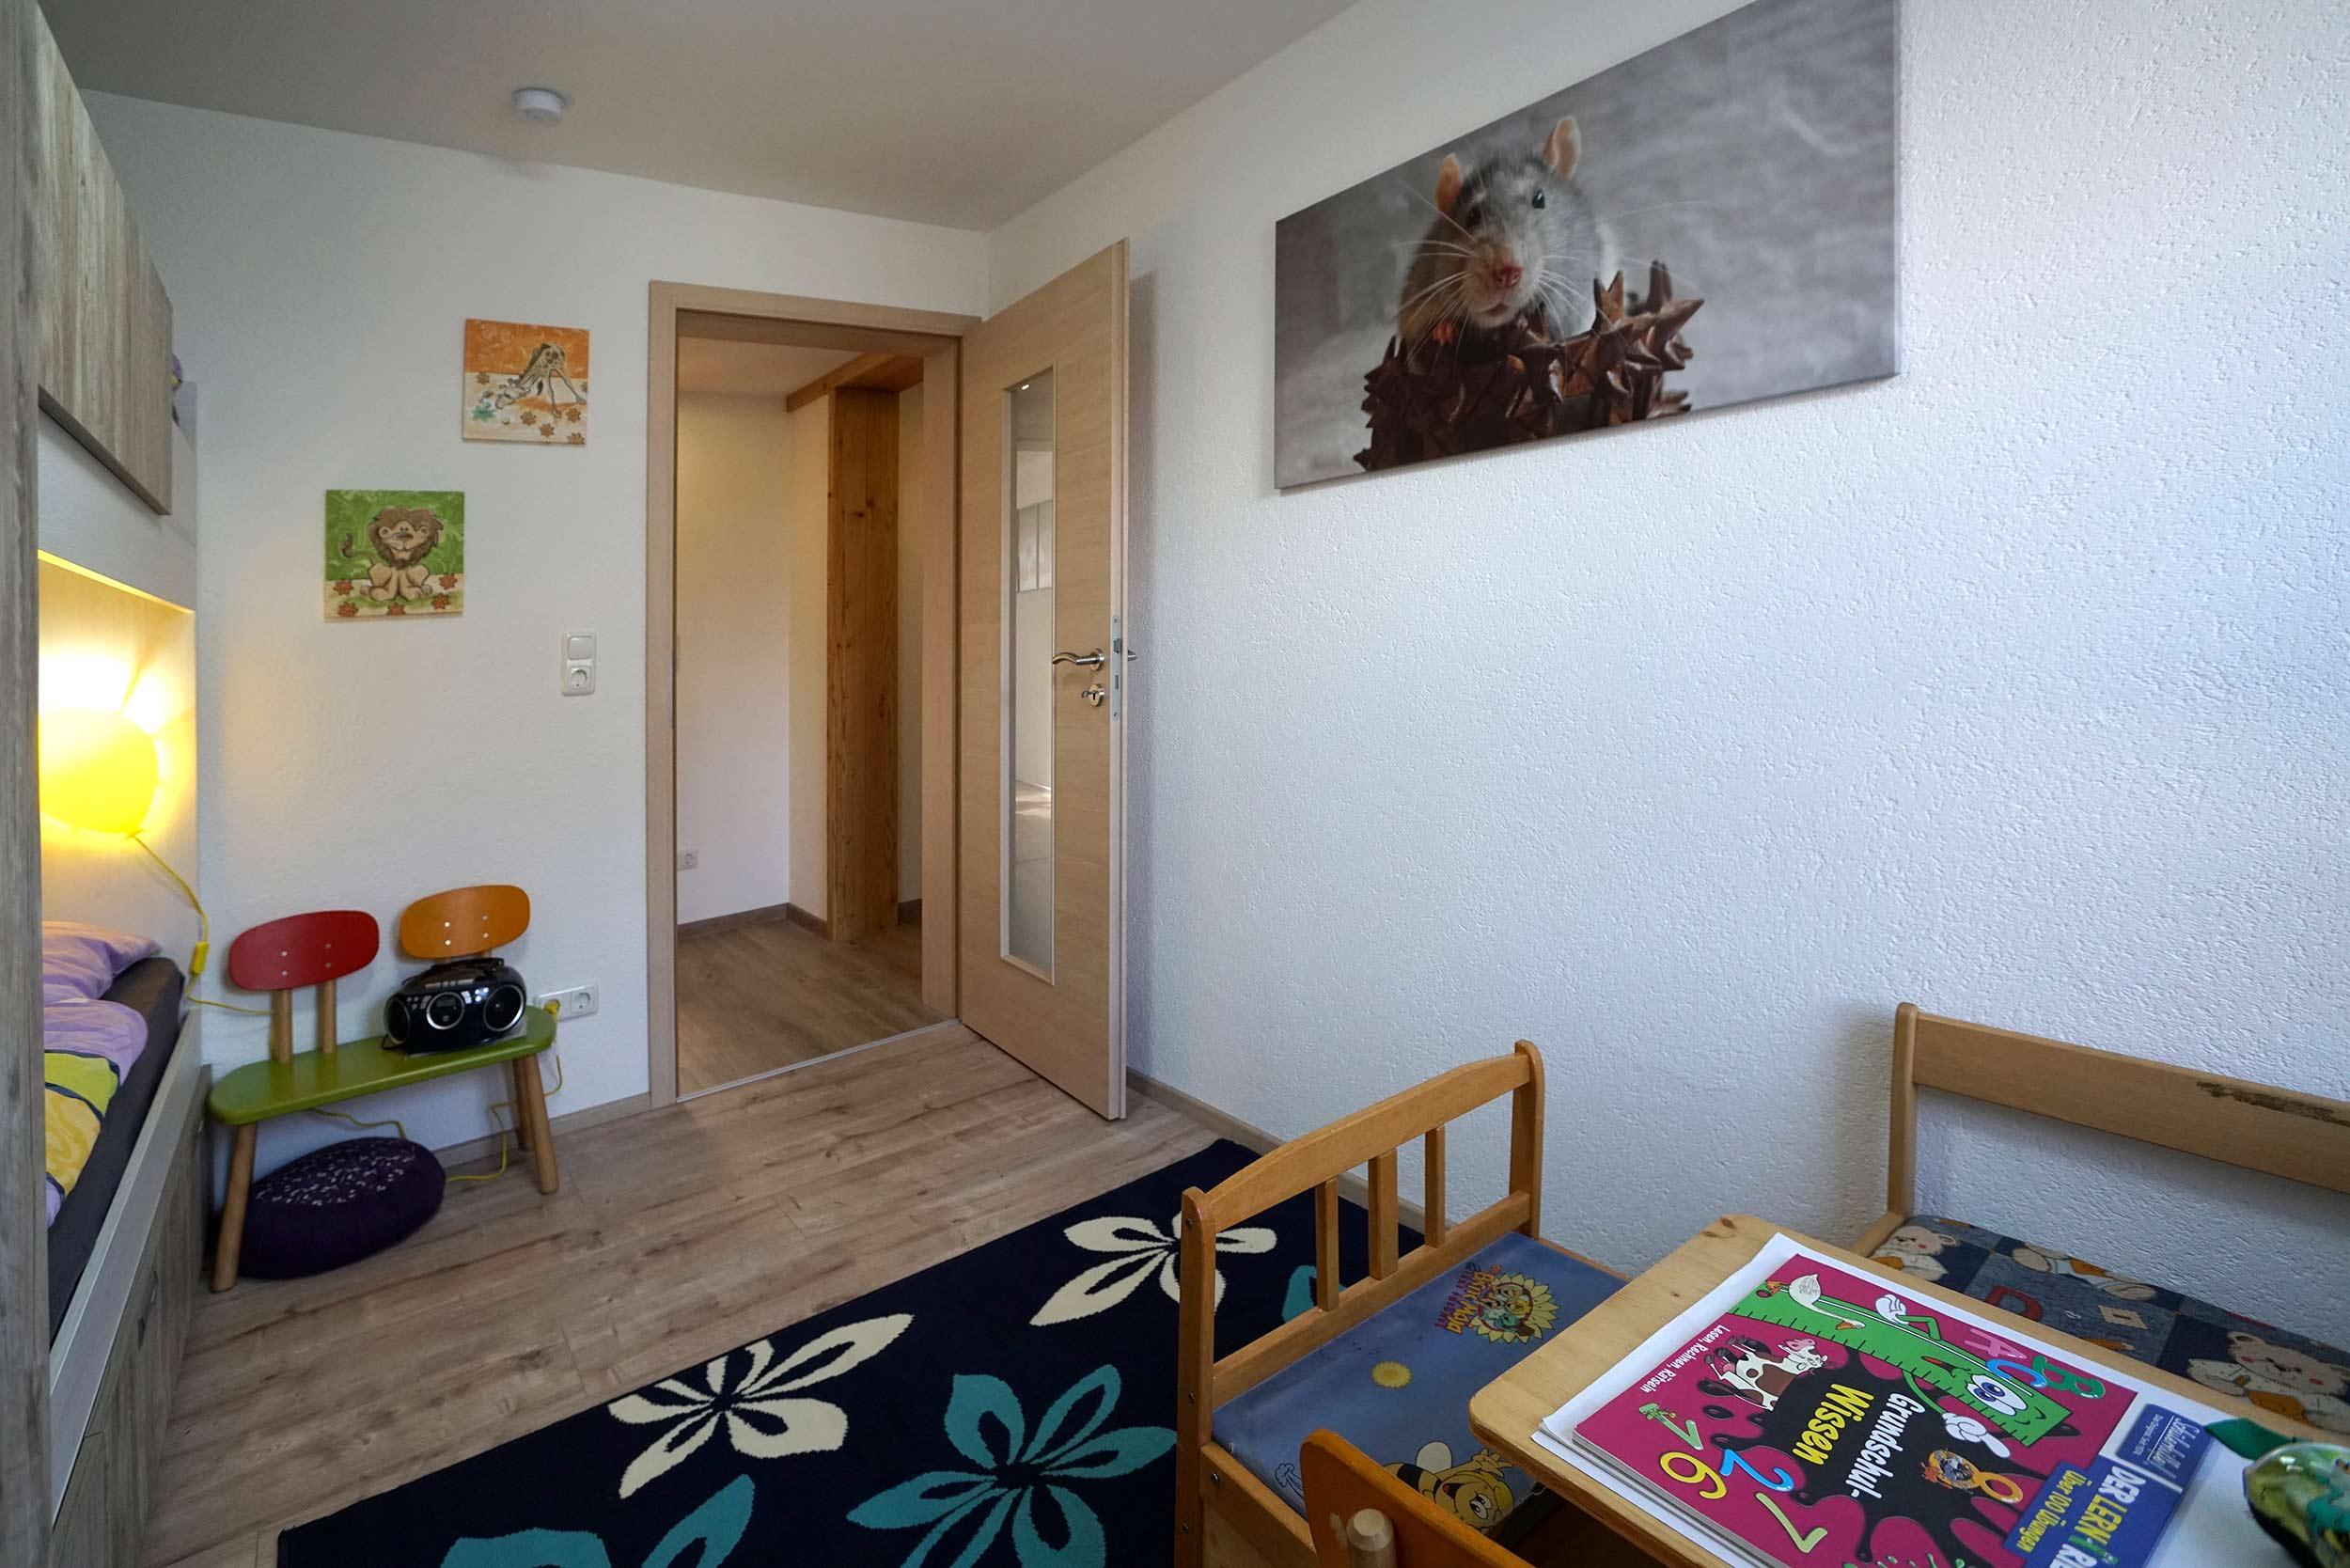 Ferienwohnung Christian Buhmann, Kinderzimmer 2